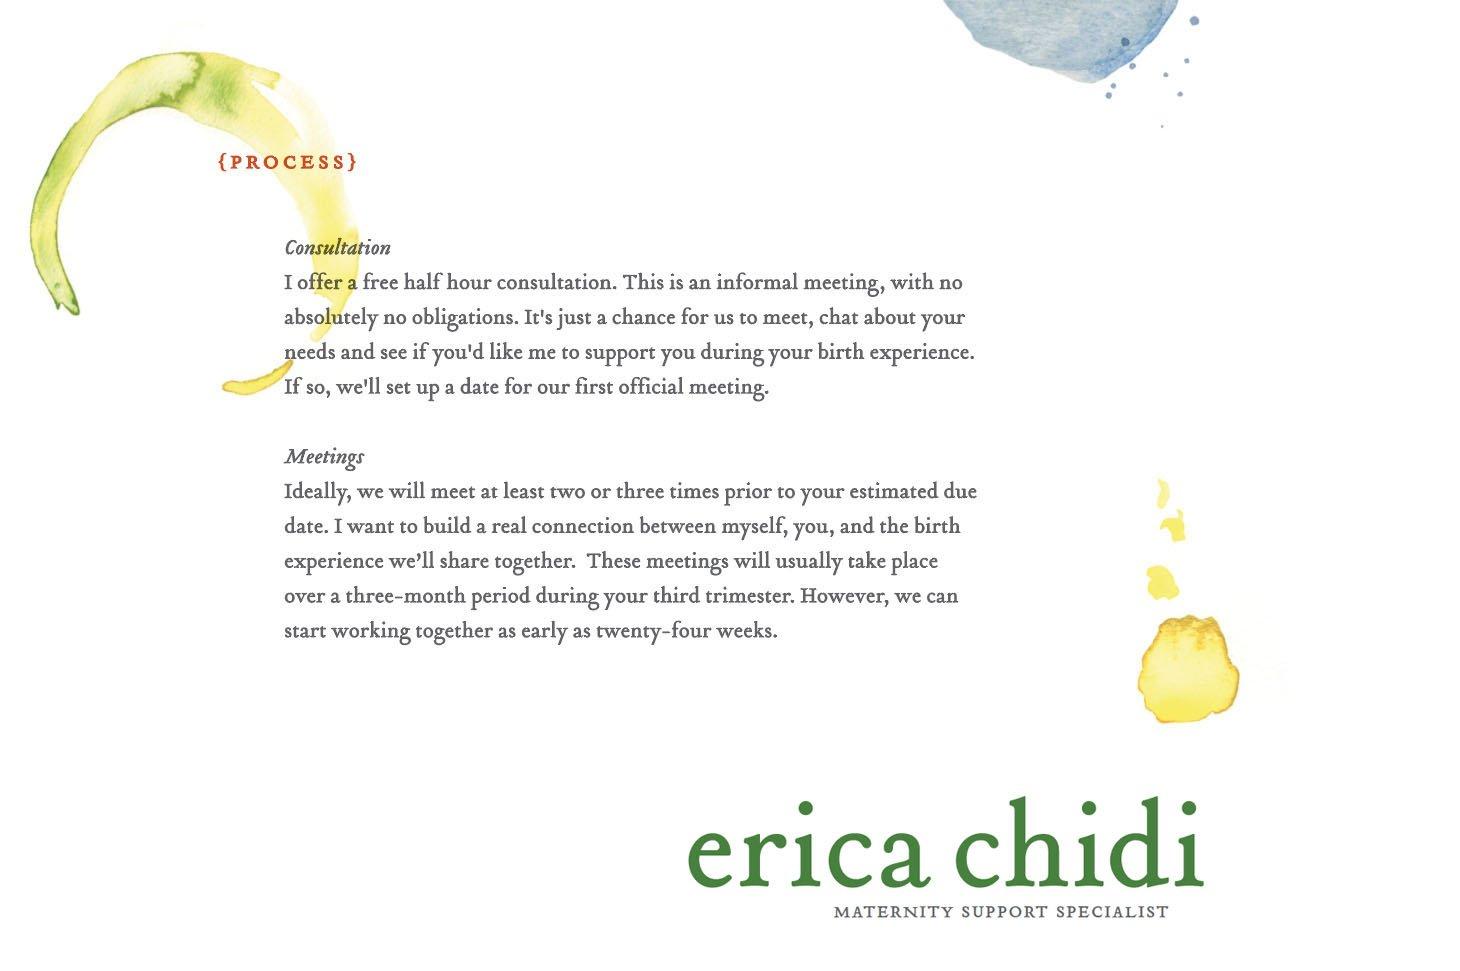 ericachidi-6